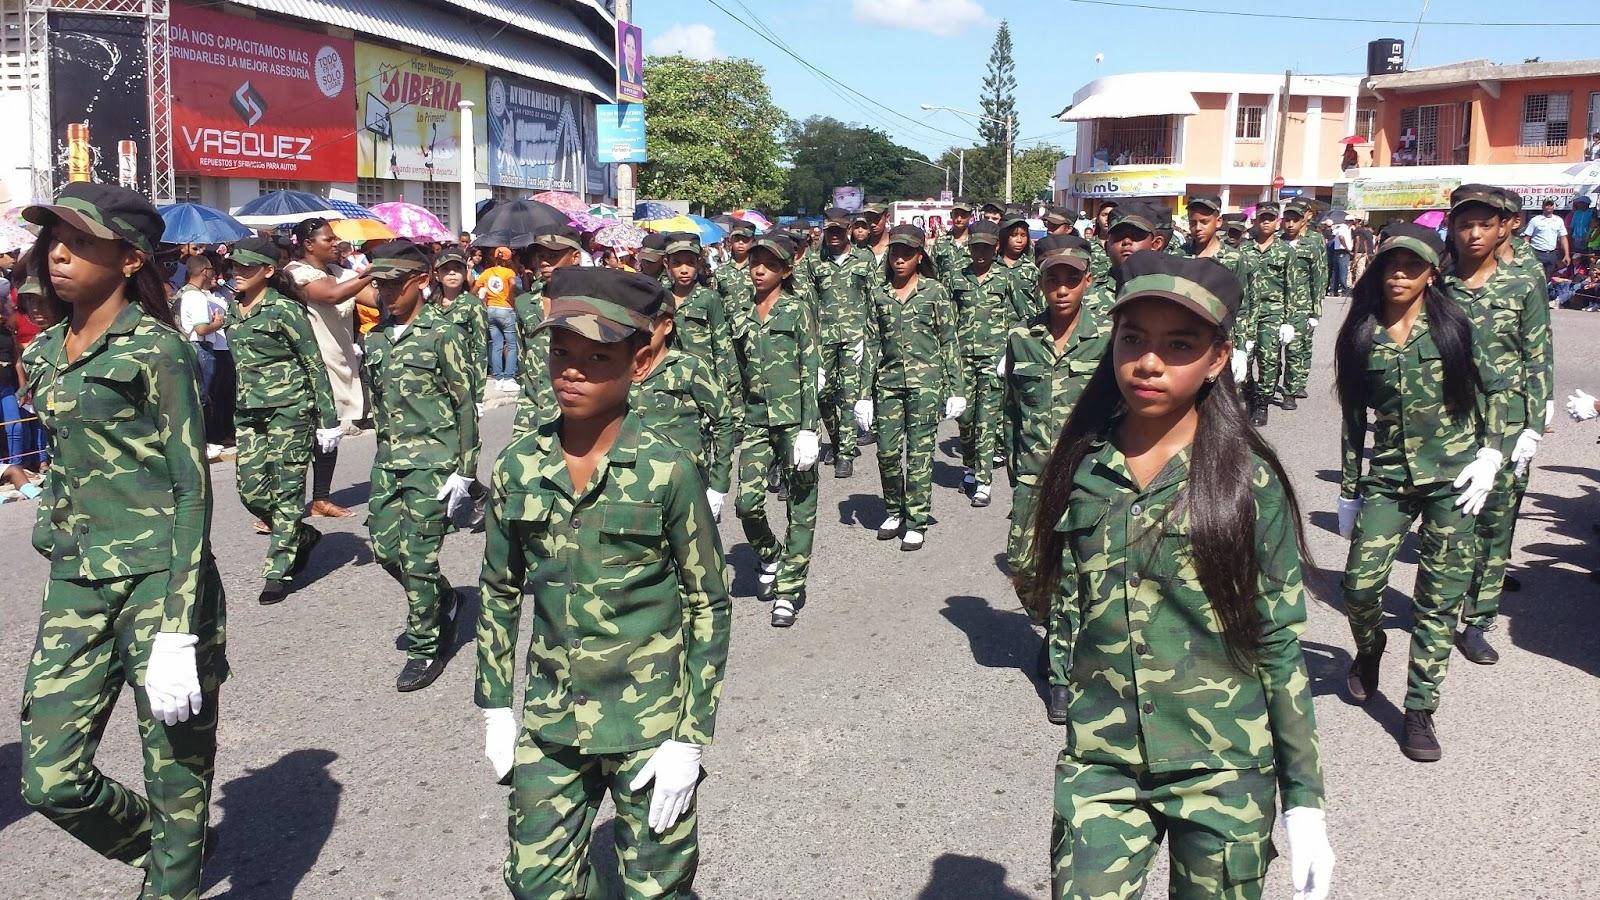 Vecchio En Nuestra Independencia Reafirmamos El: SPM Celebra En Grande El 171 Aniversario De Nuestra